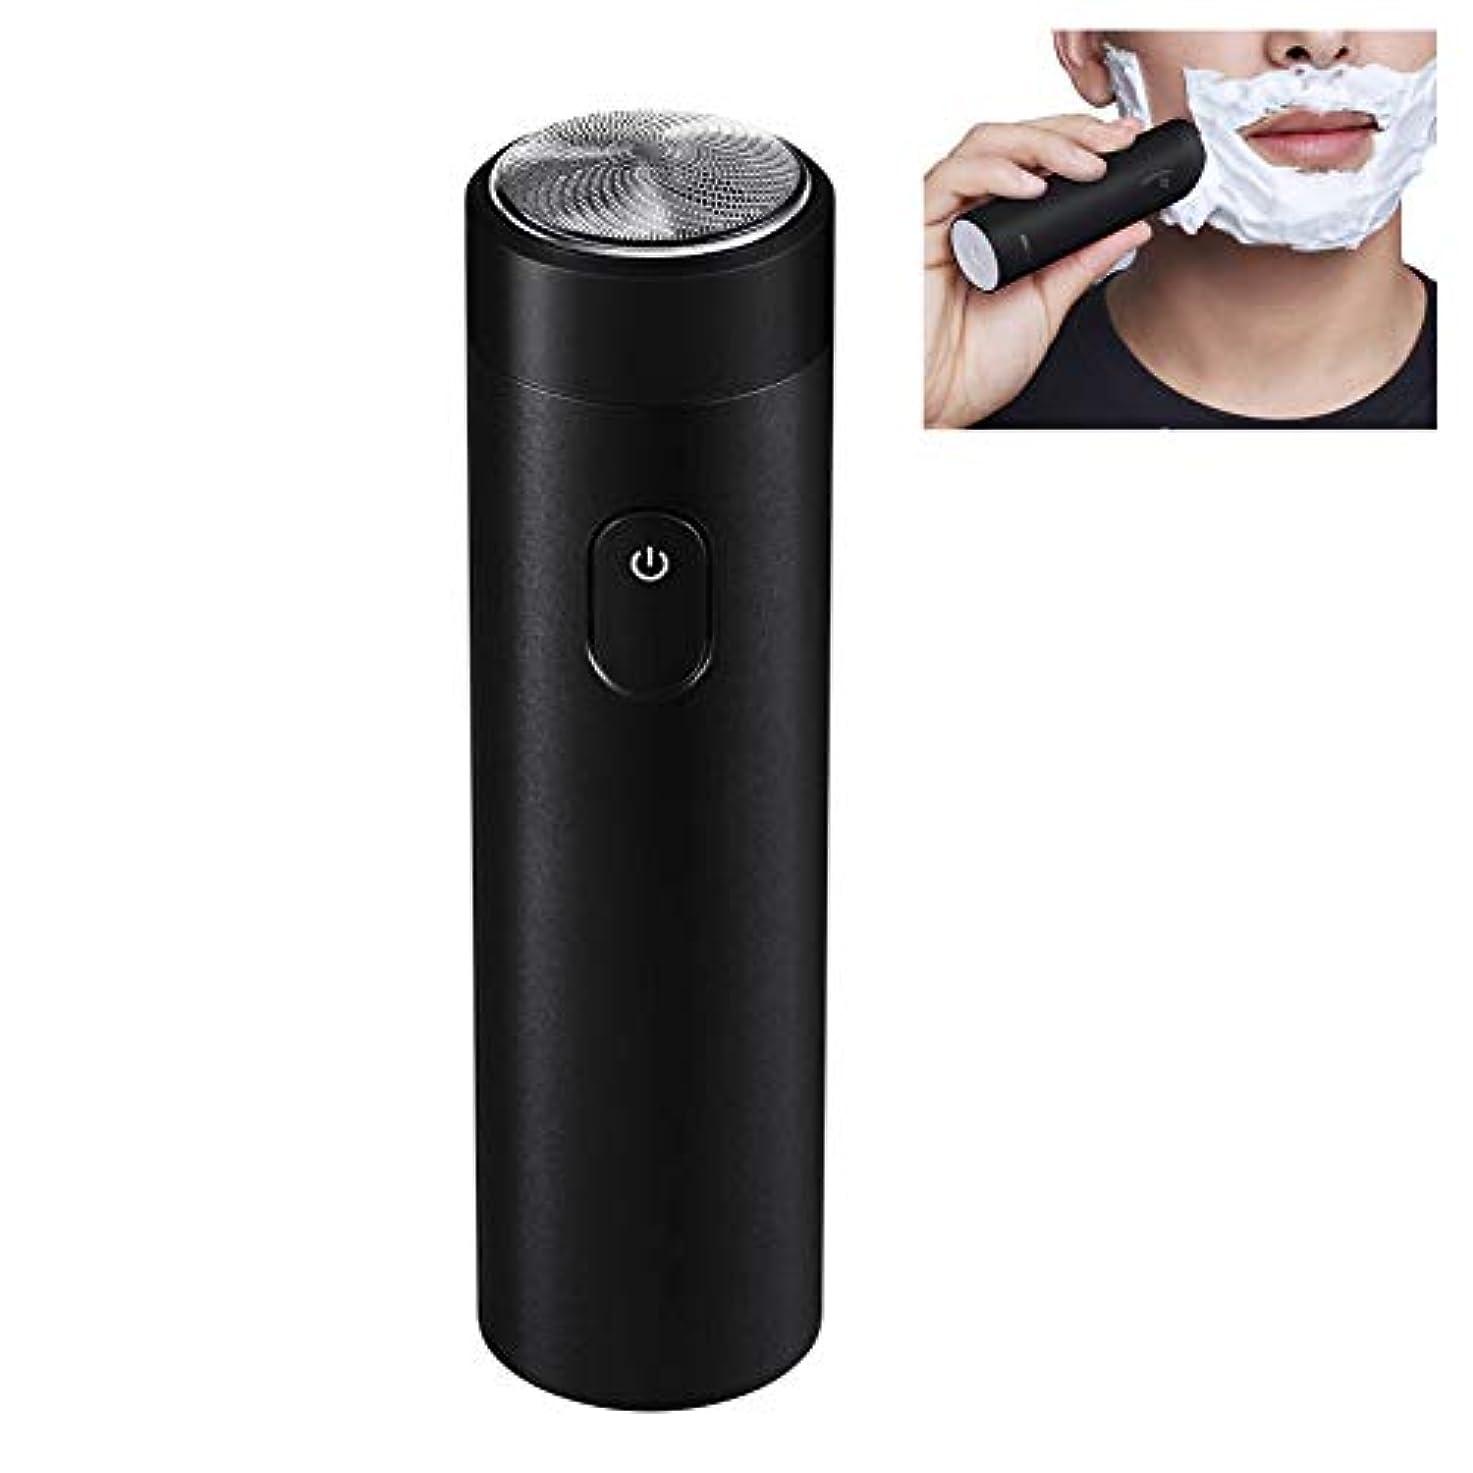 唯一目に見える容疑者携帯用ホイルかみそり、USBの電気IPX7は電気かみそりの回転式乾燥したぬれた使用かみそりを防水します,Black